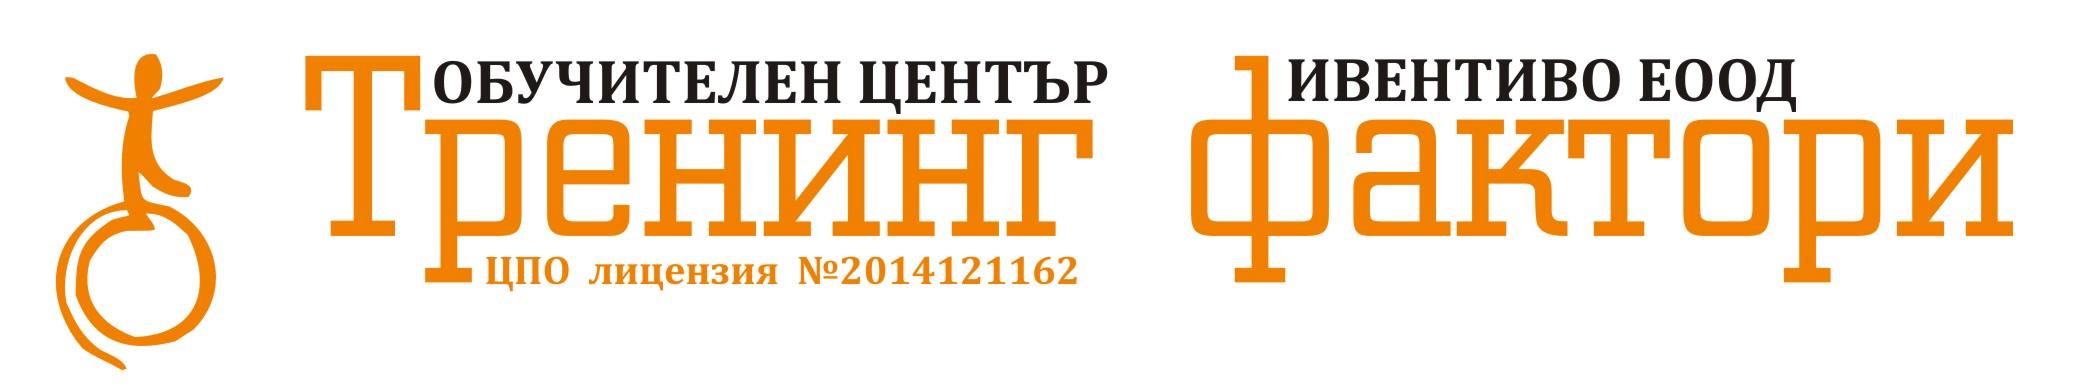 лого ново